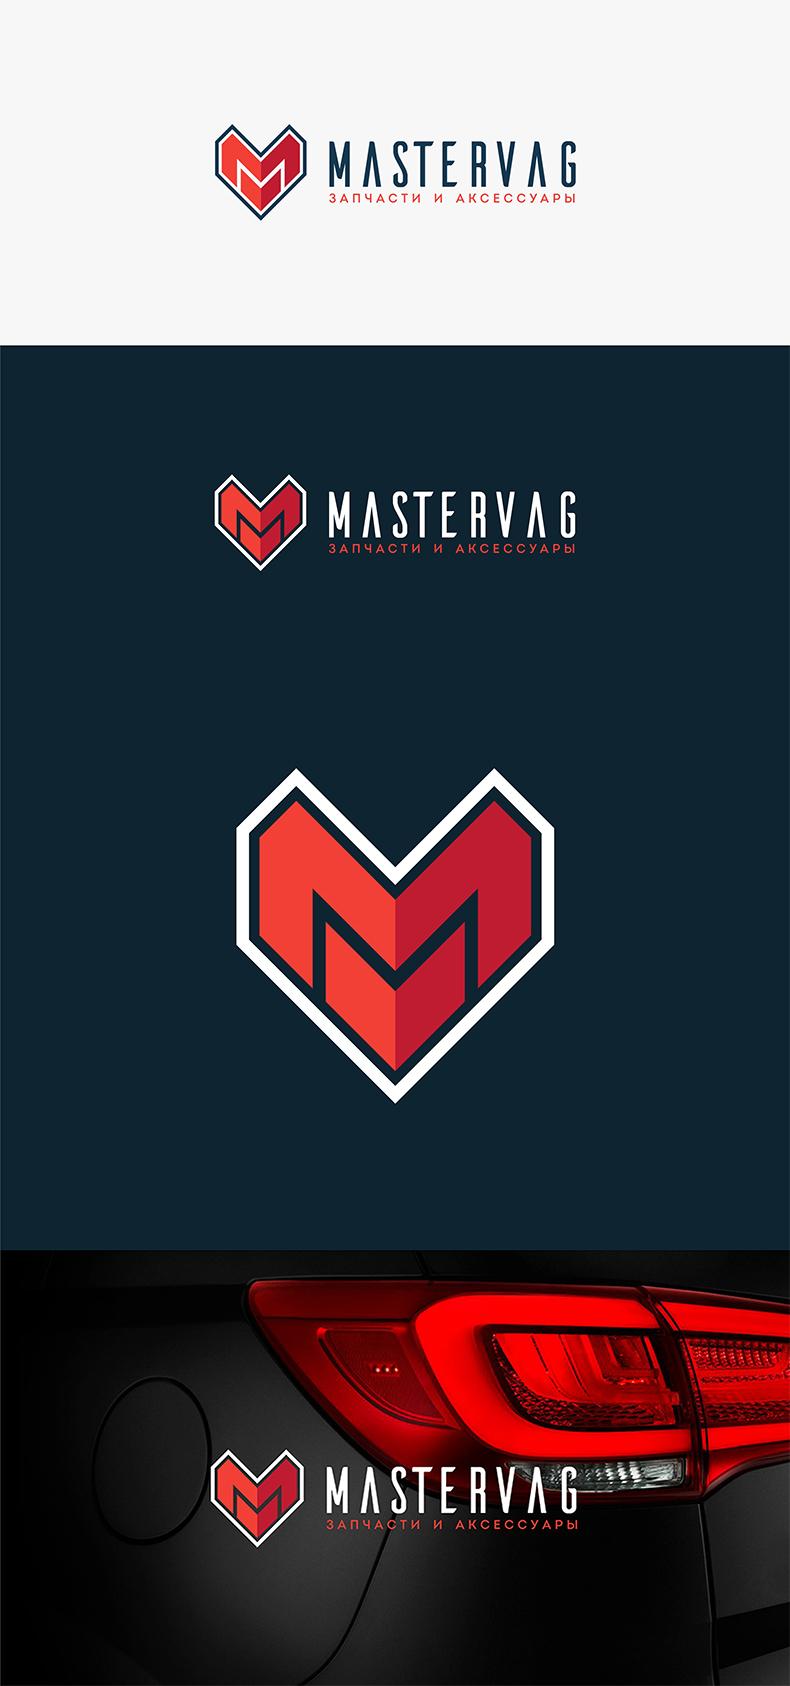 MasterVag